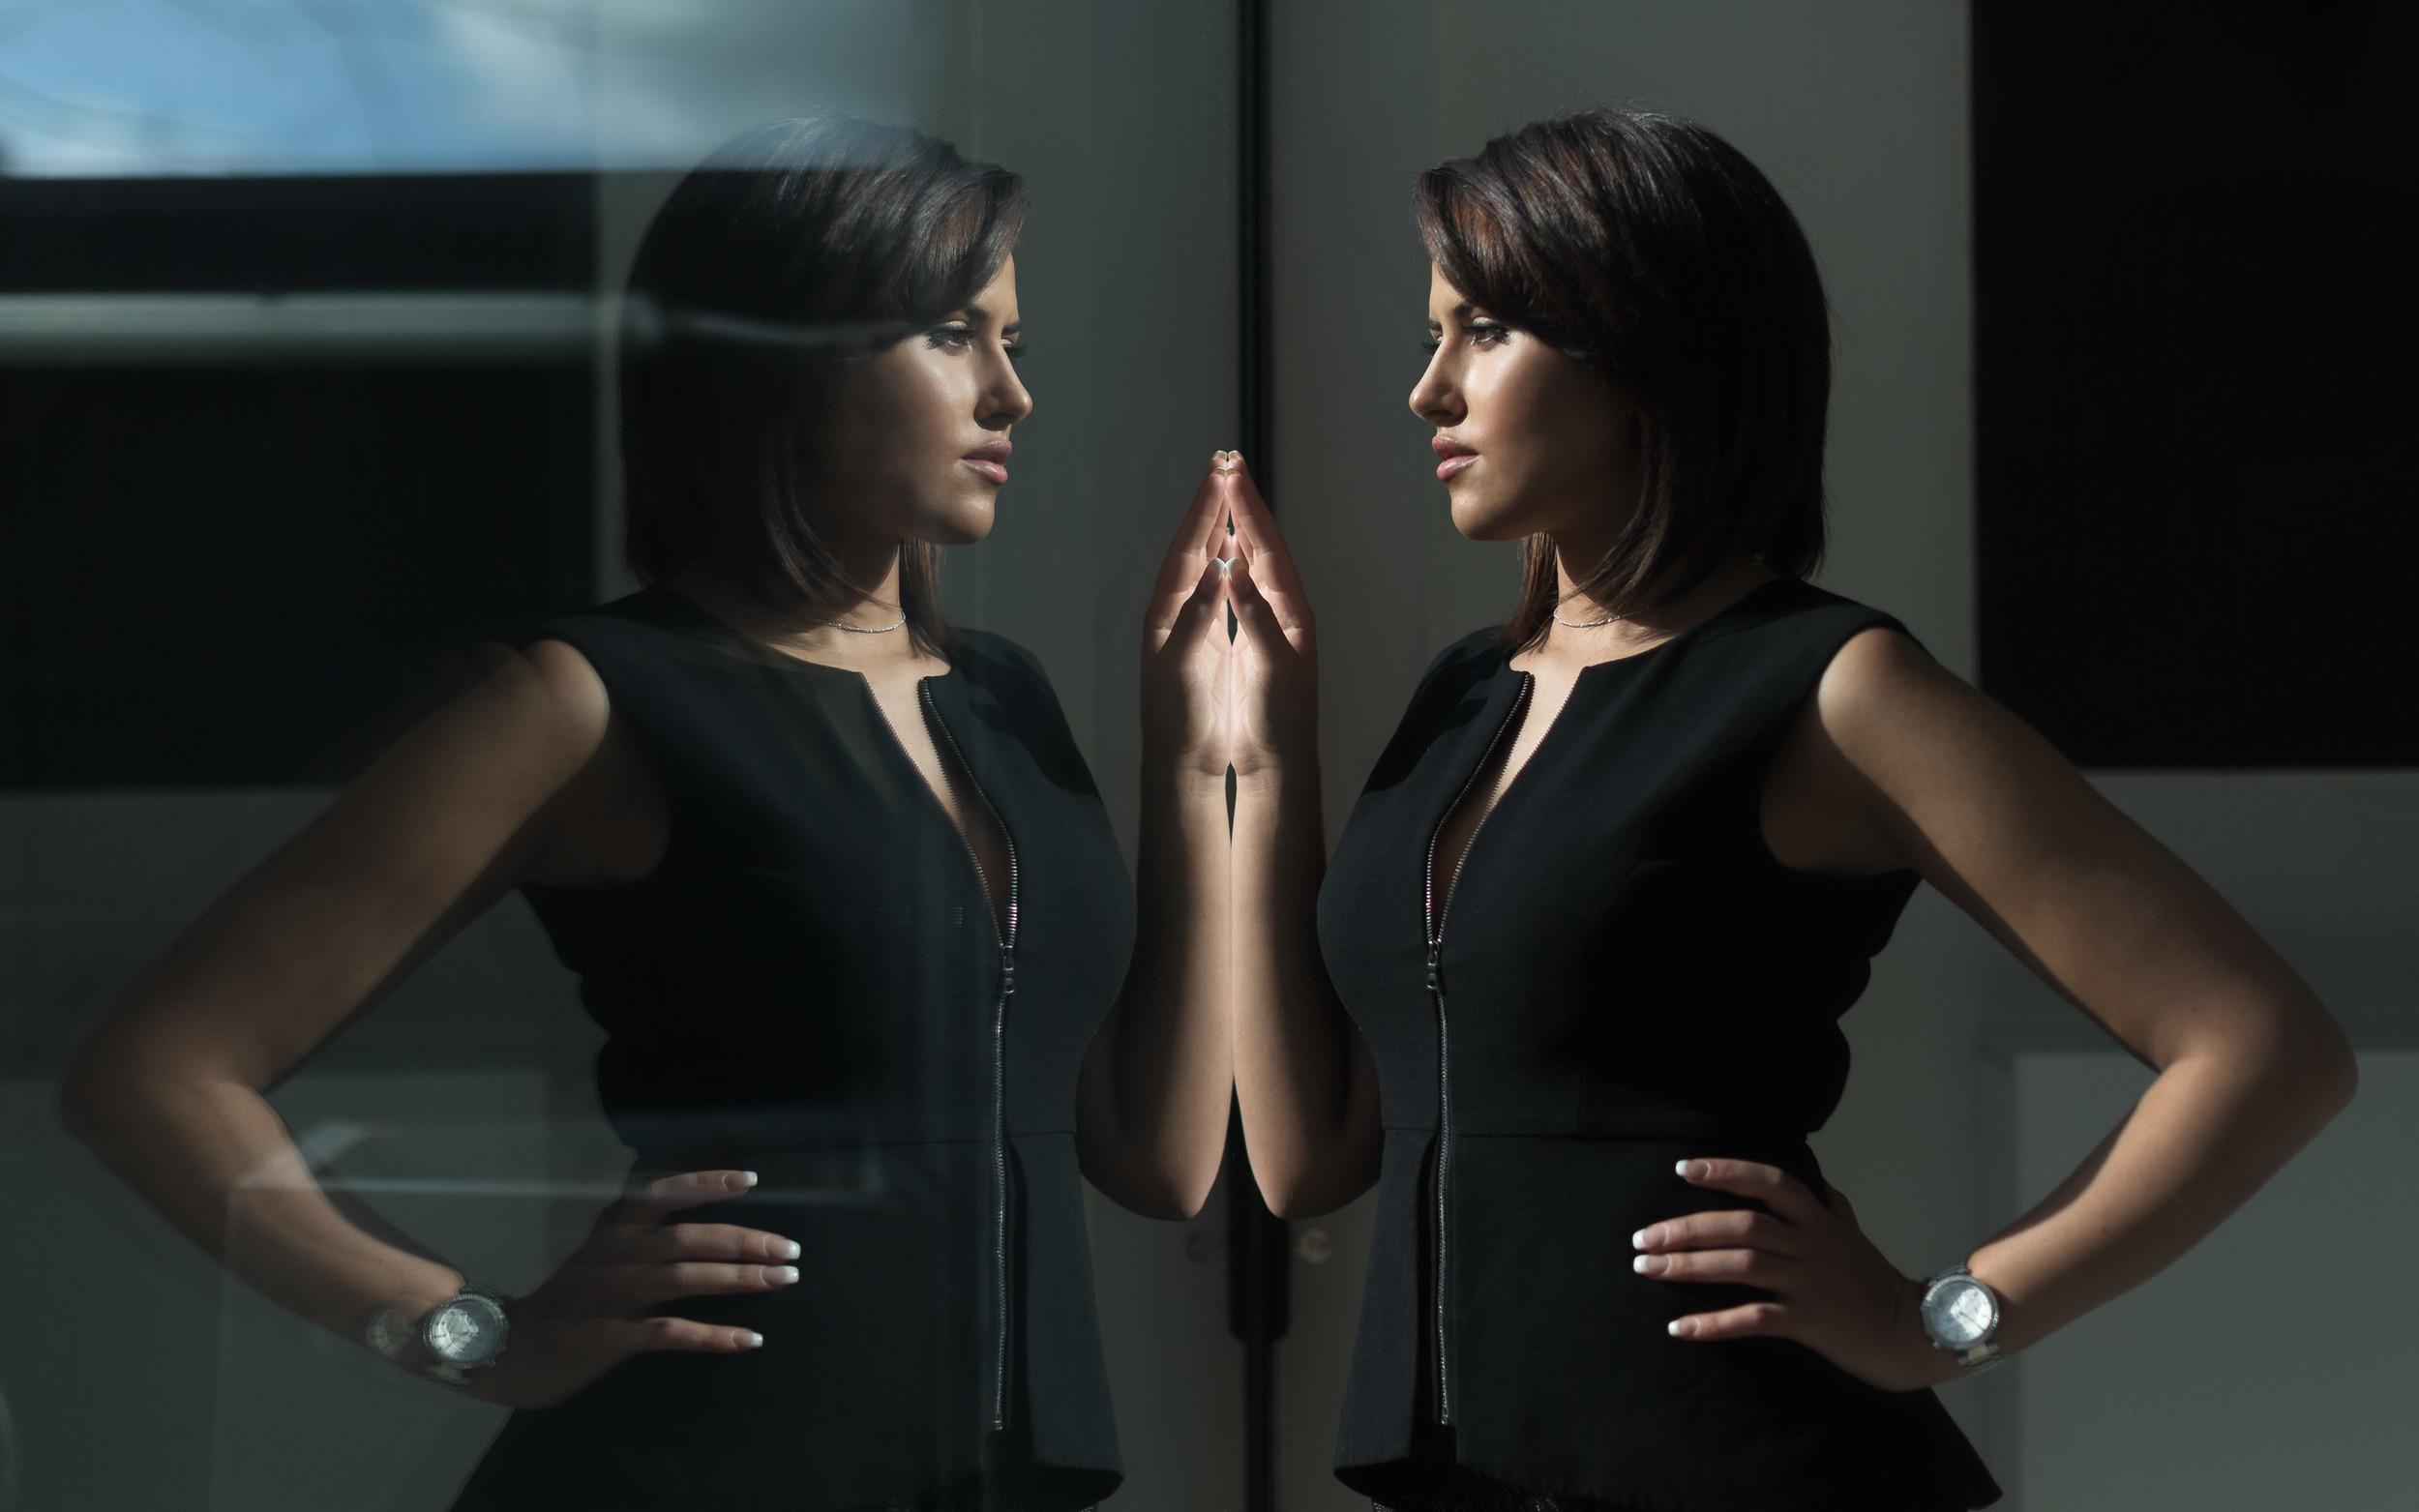 portrait-femme-reflet.jpg